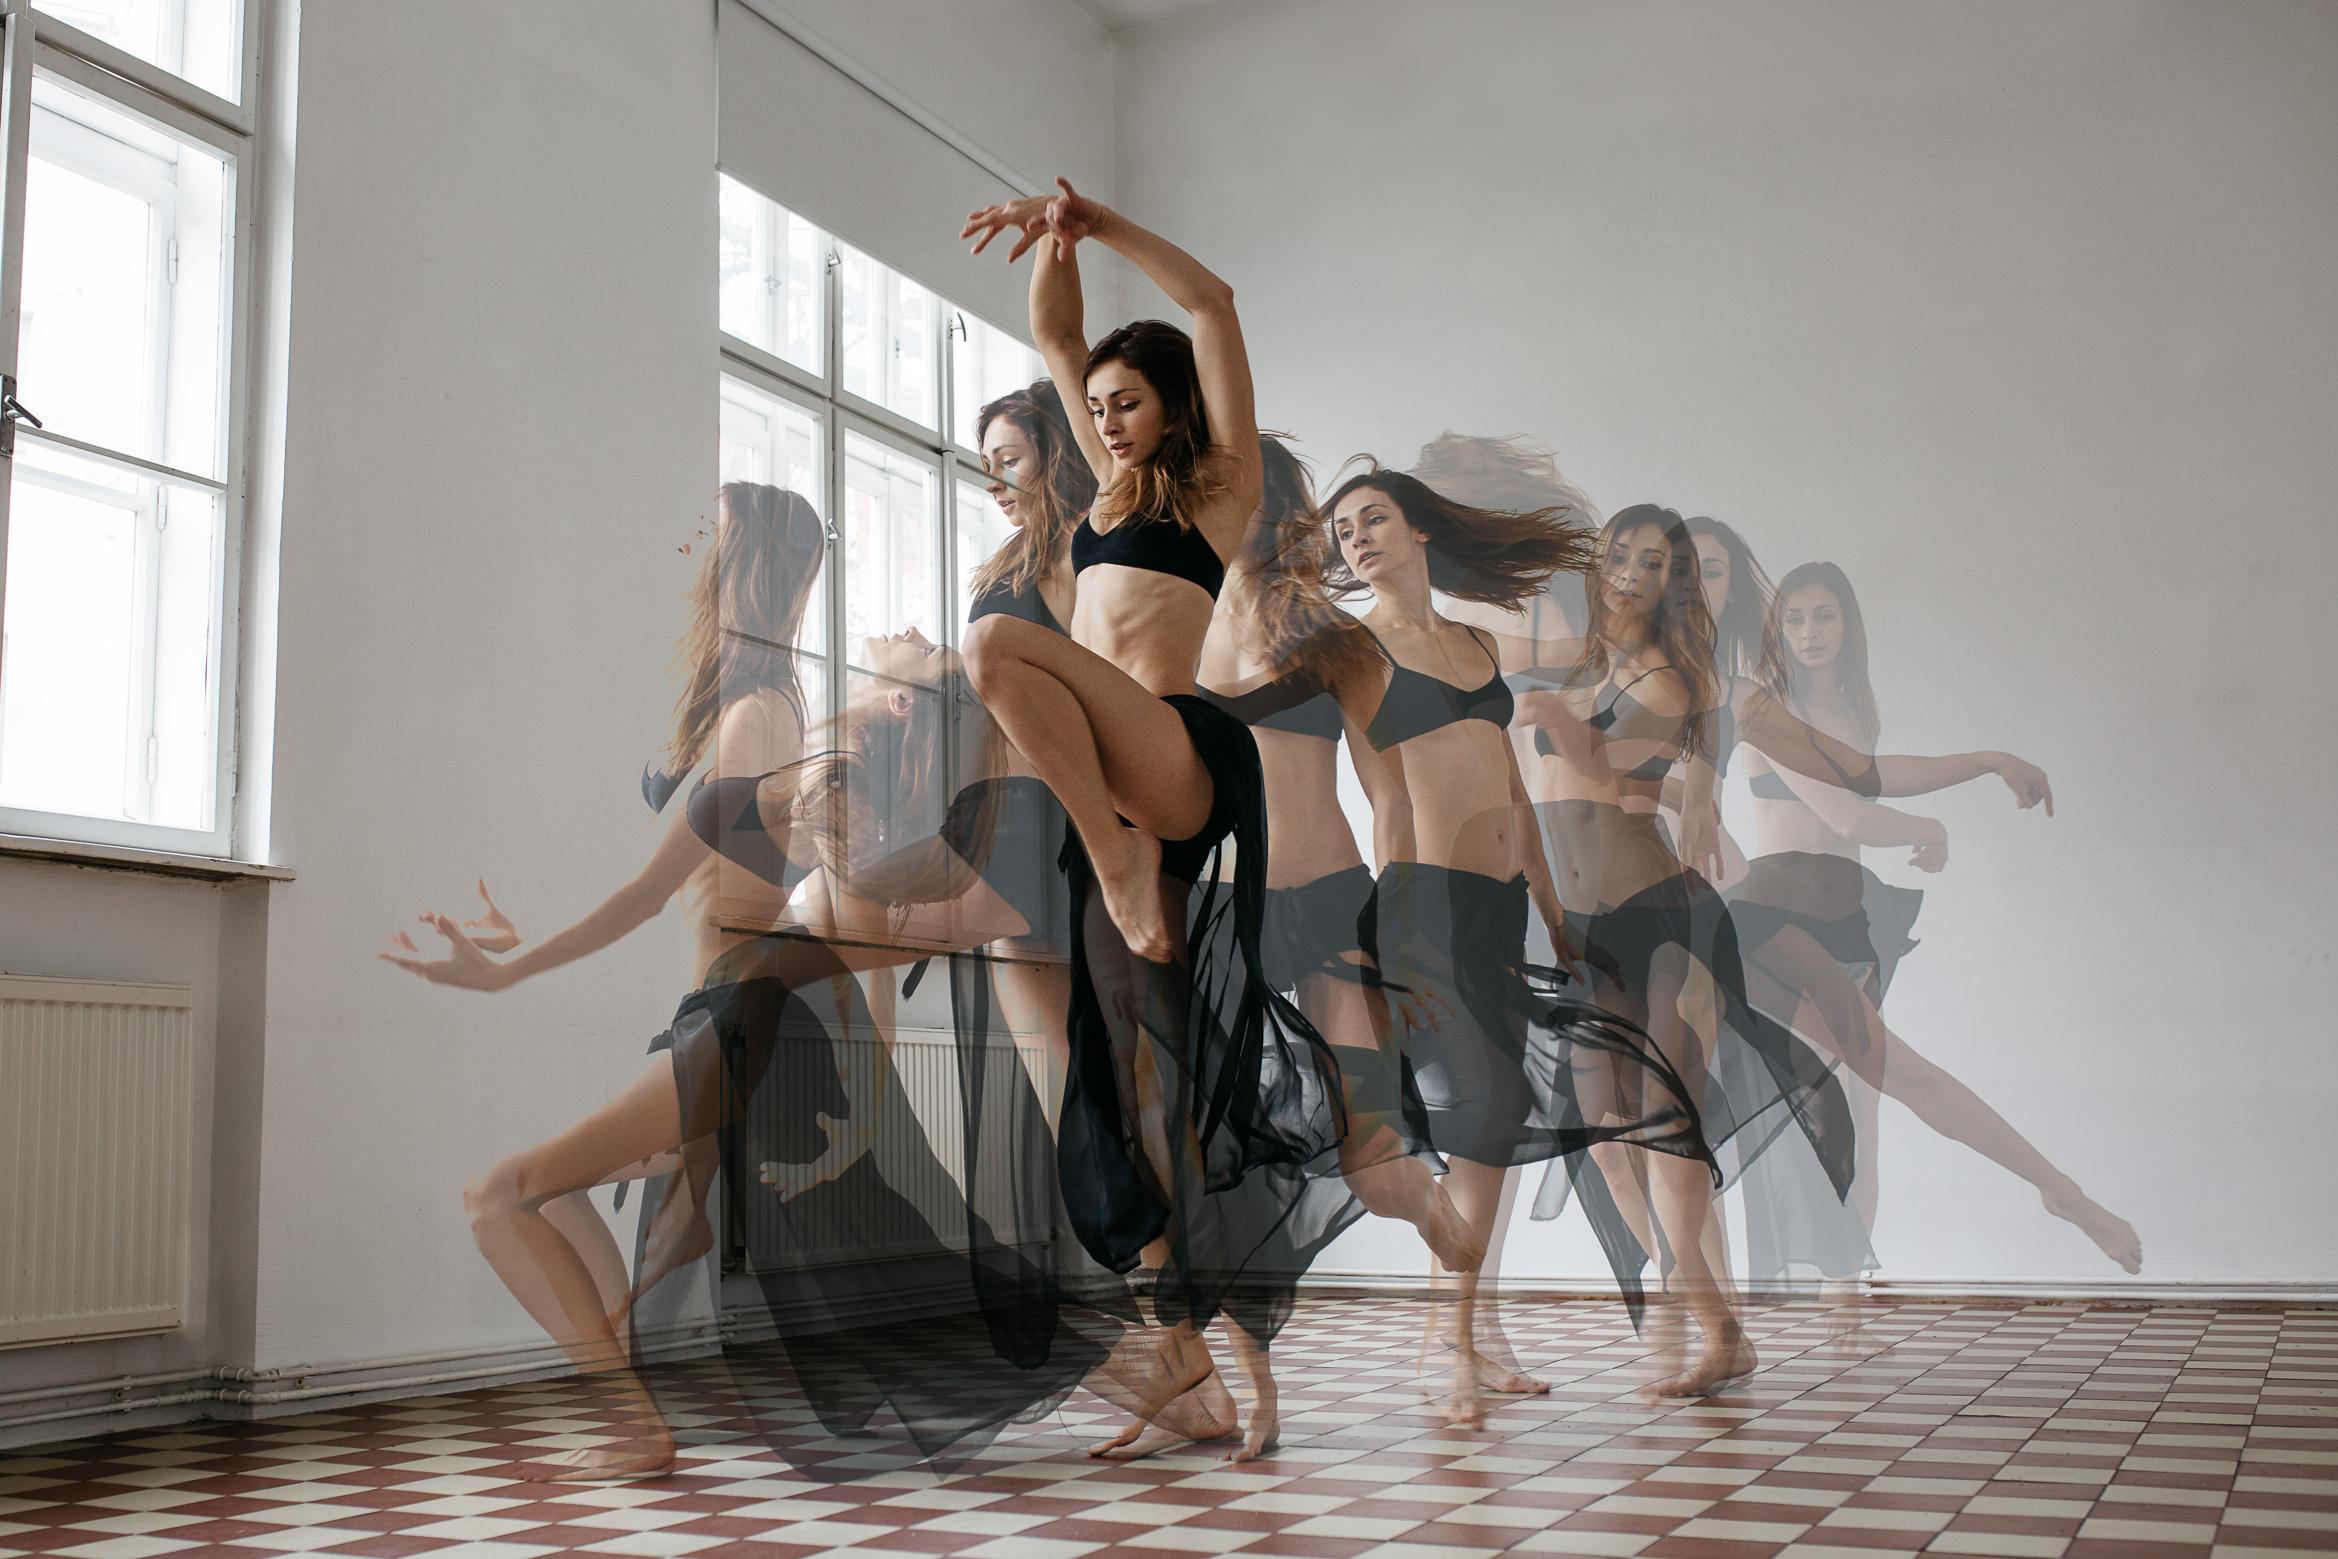 dancer artist portraits_künstlerporträt-05.jpg